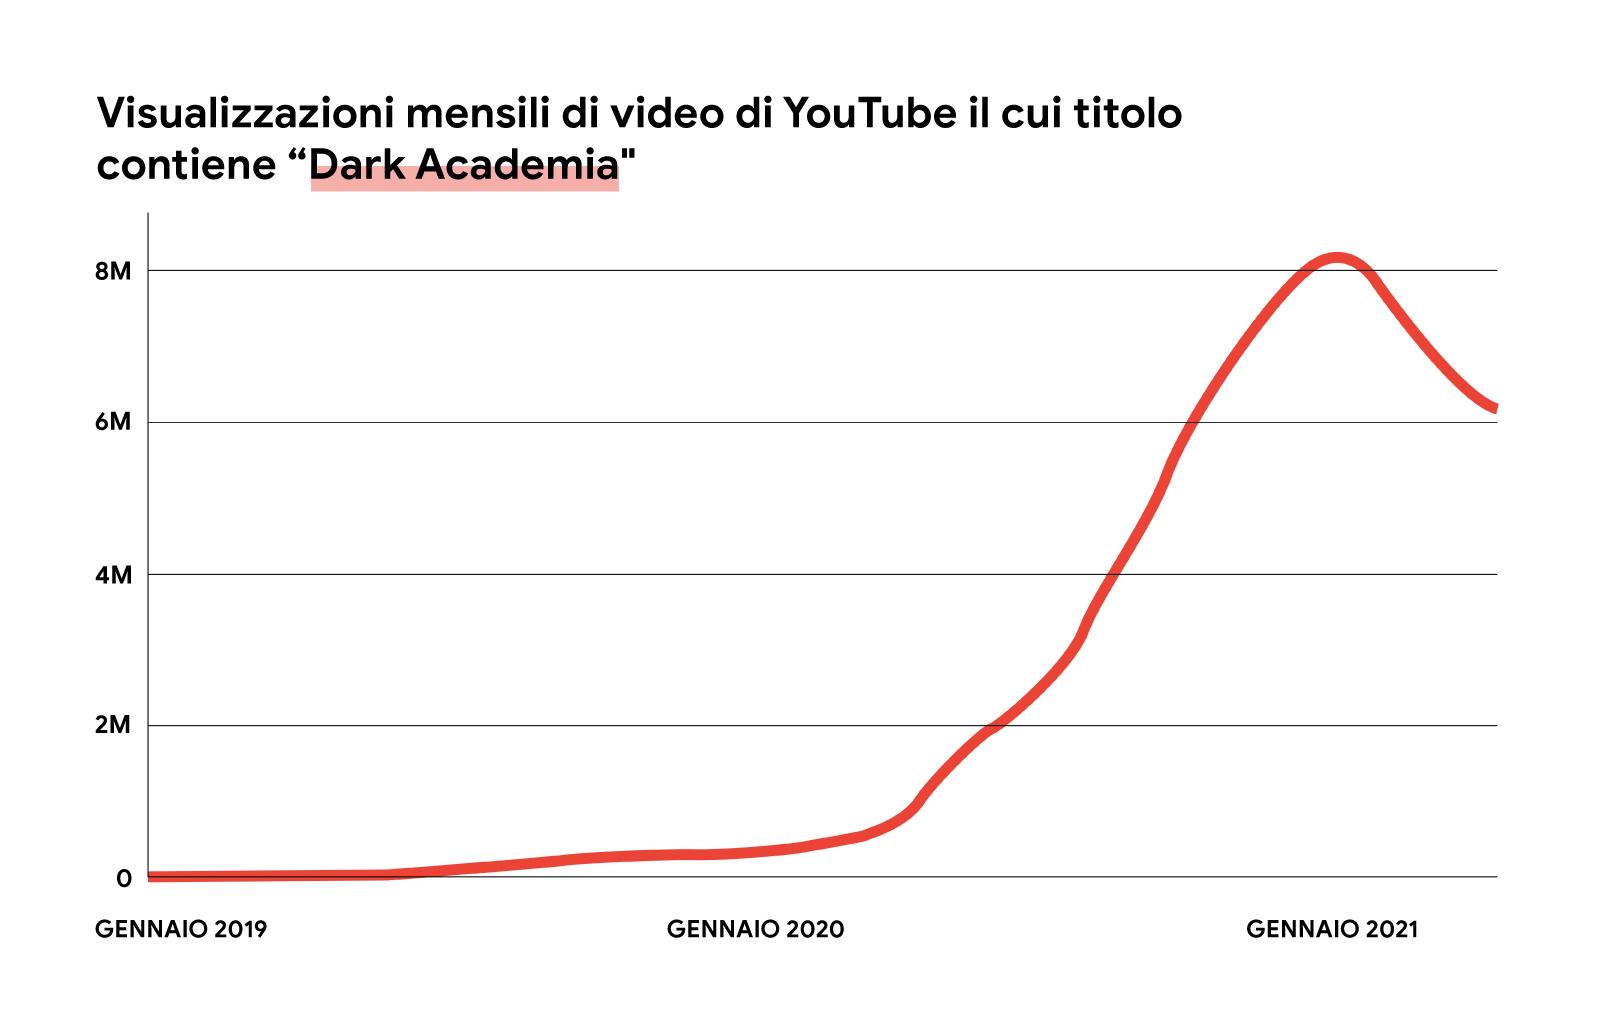 """Un'immagine illustrata di un grafico a linee rosse che mostra l'aumento delle visualizzazioni mensili dei video di YouTube il cui titolo contiene le parole """"dark academia"""", da gennaio 2019 a maggio 2021."""